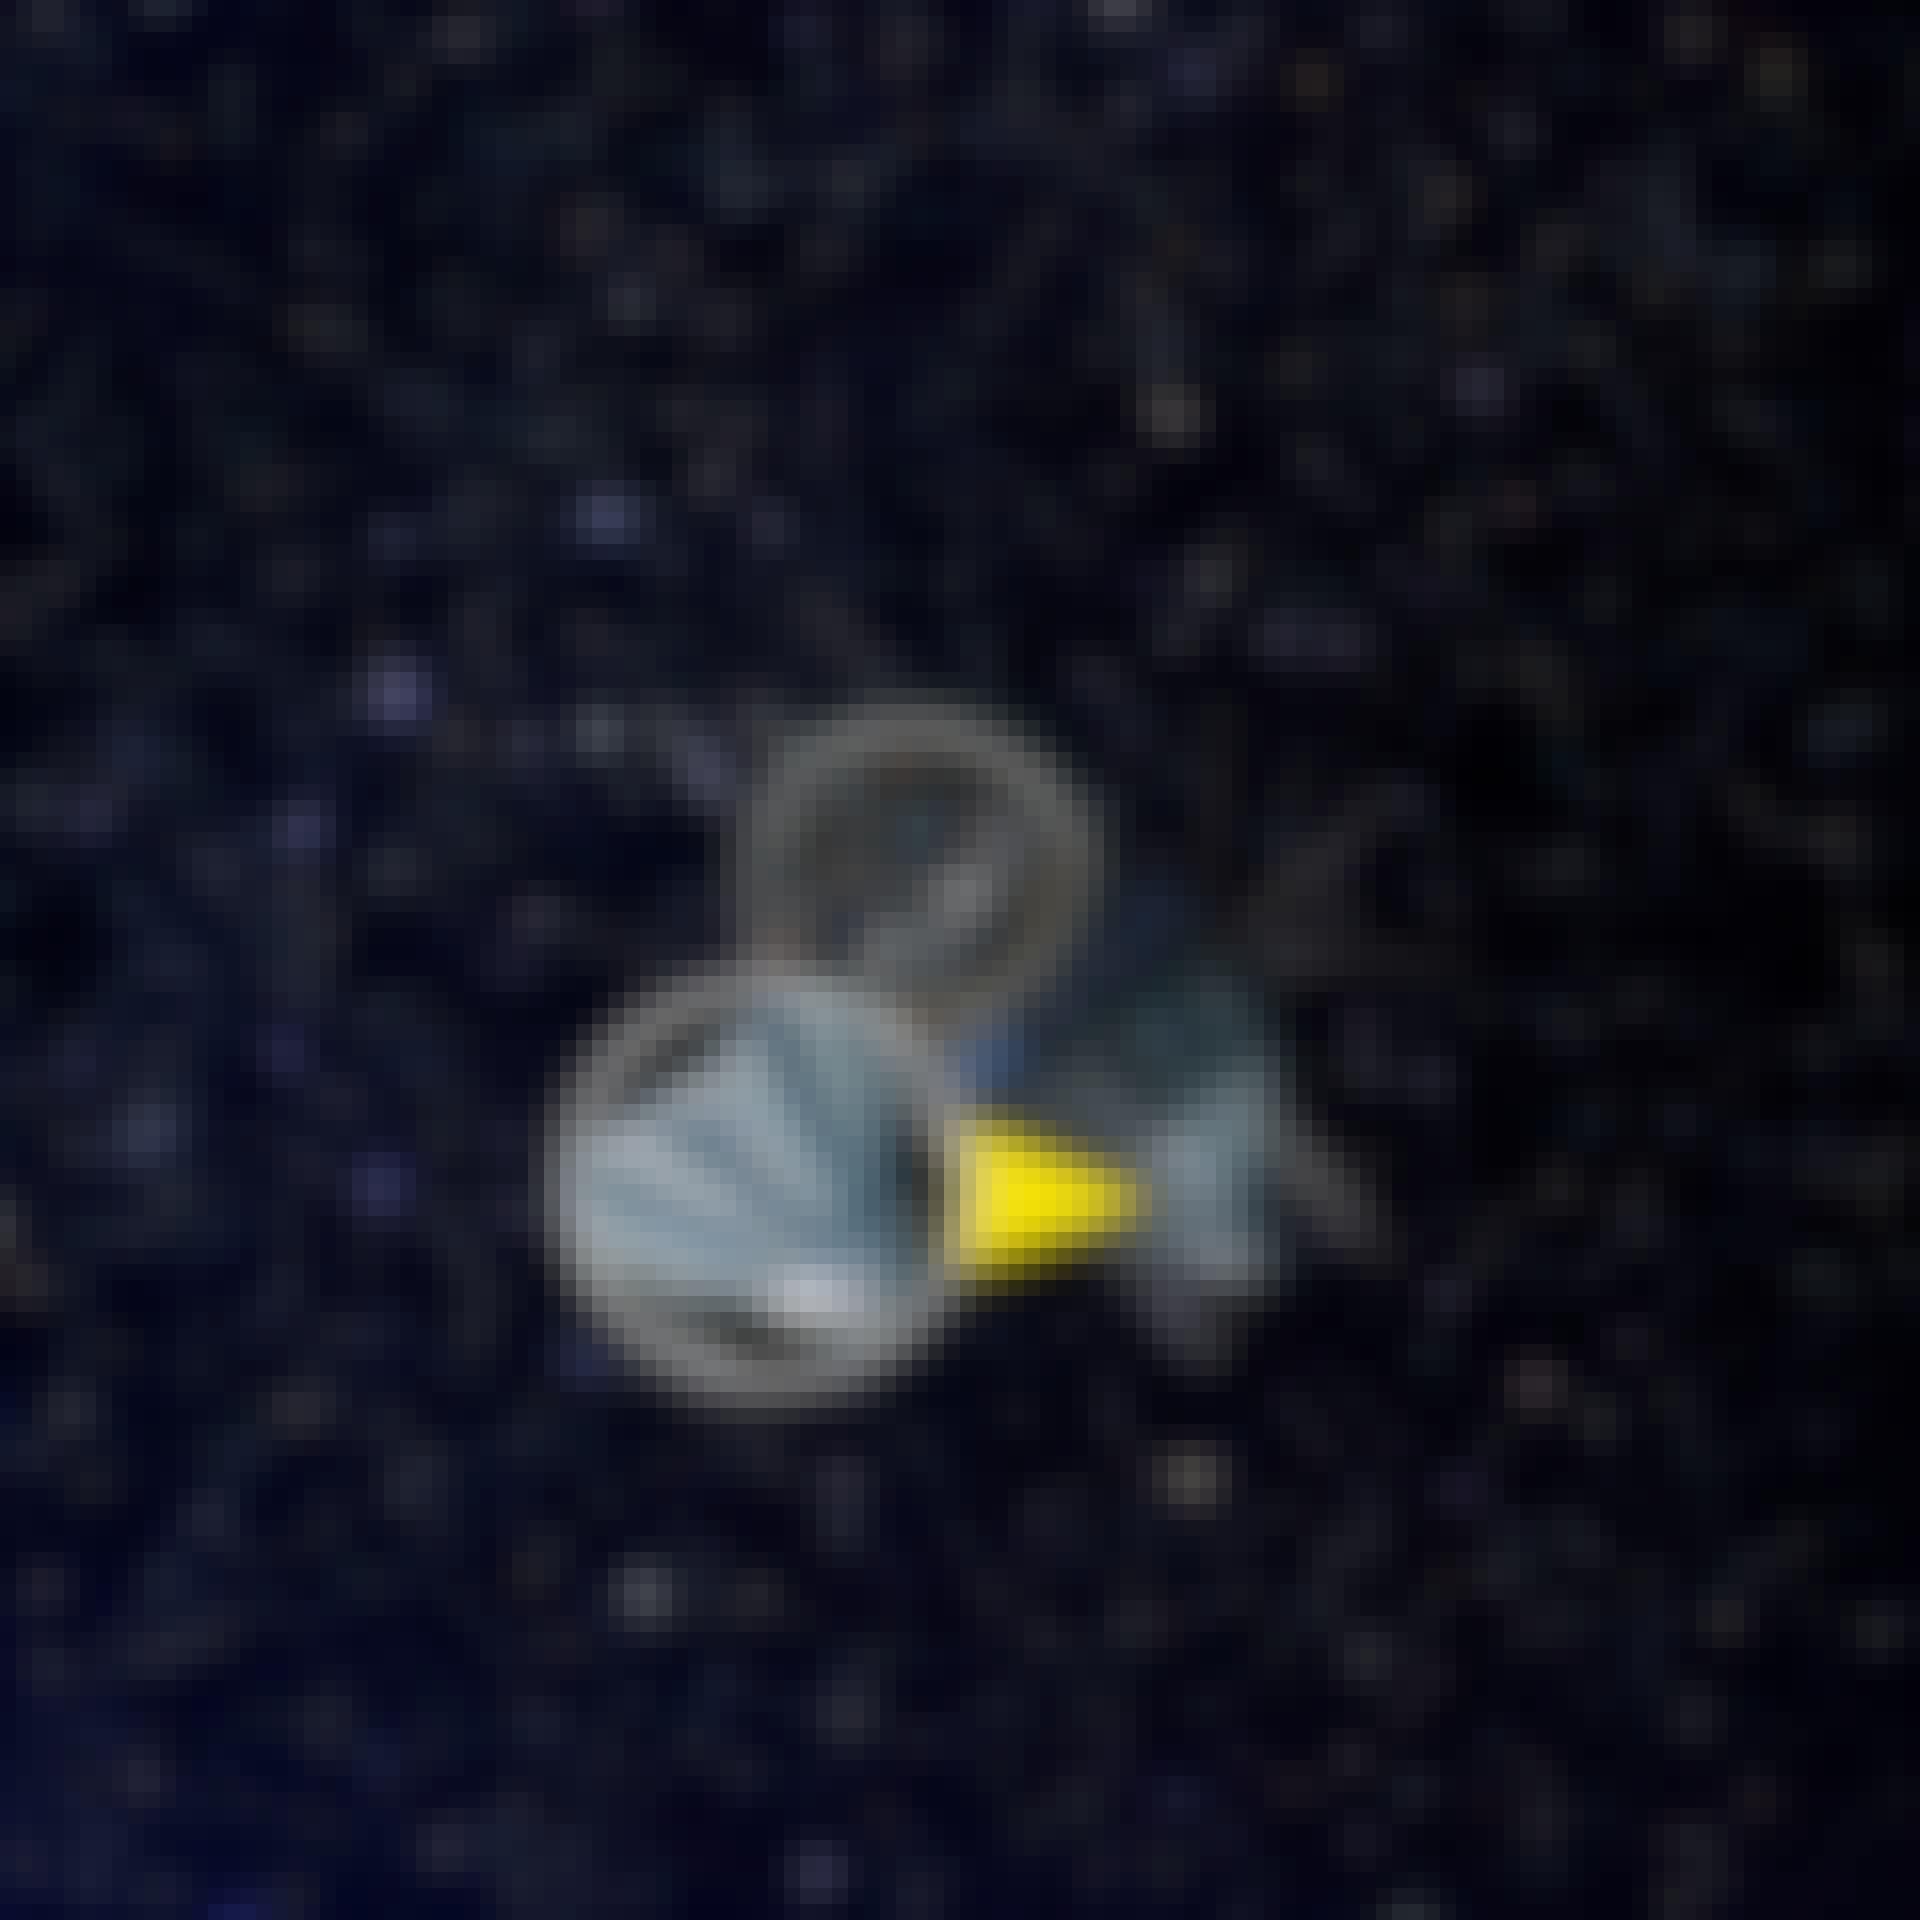 Vostok servicemodul